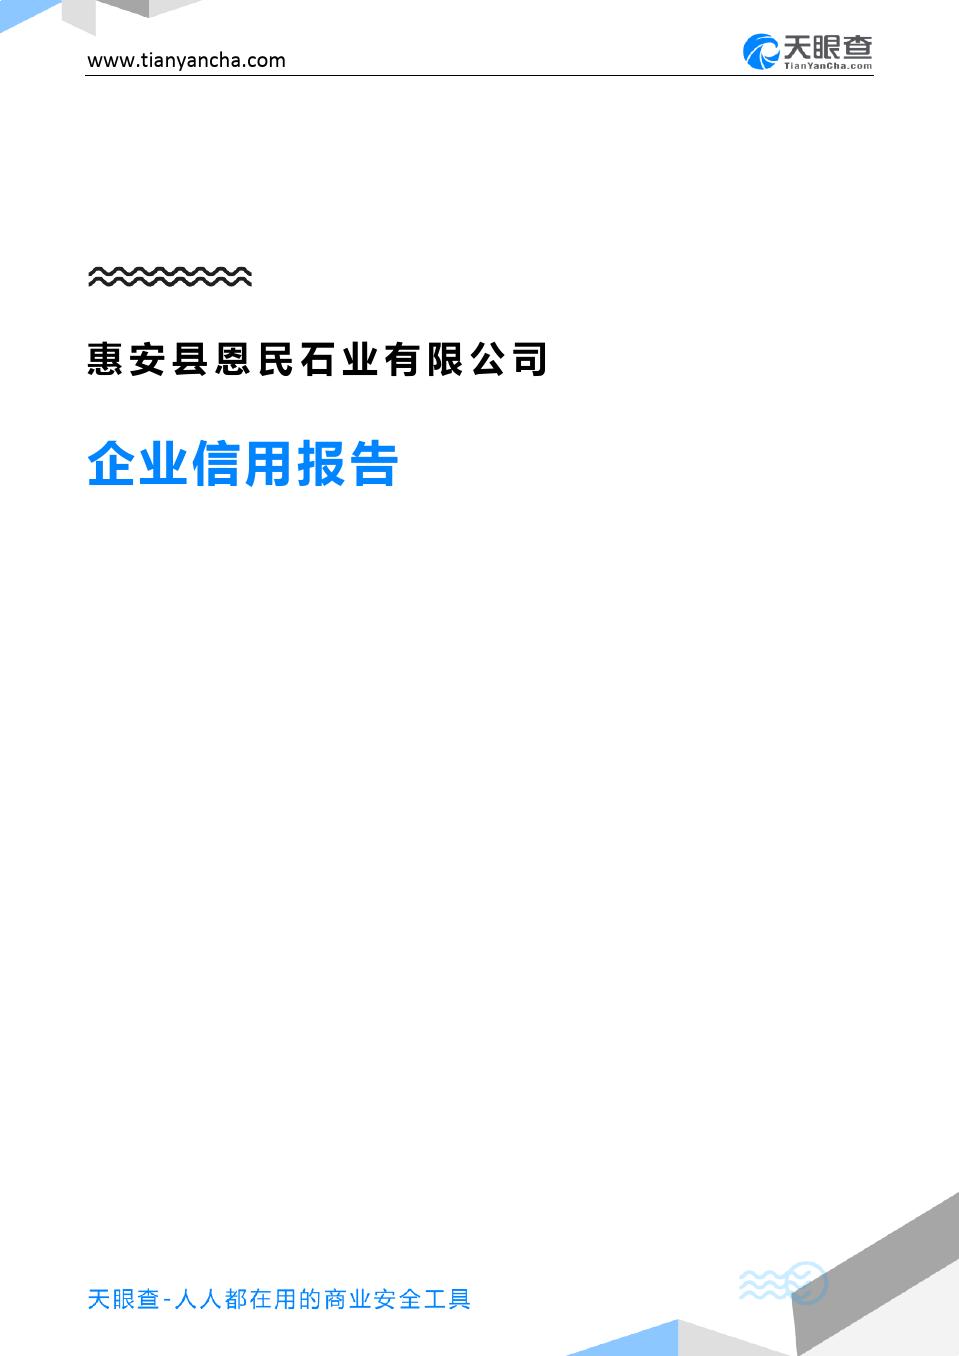 惠安县恩民石业有限公司(企业信用报告)- 天眼查